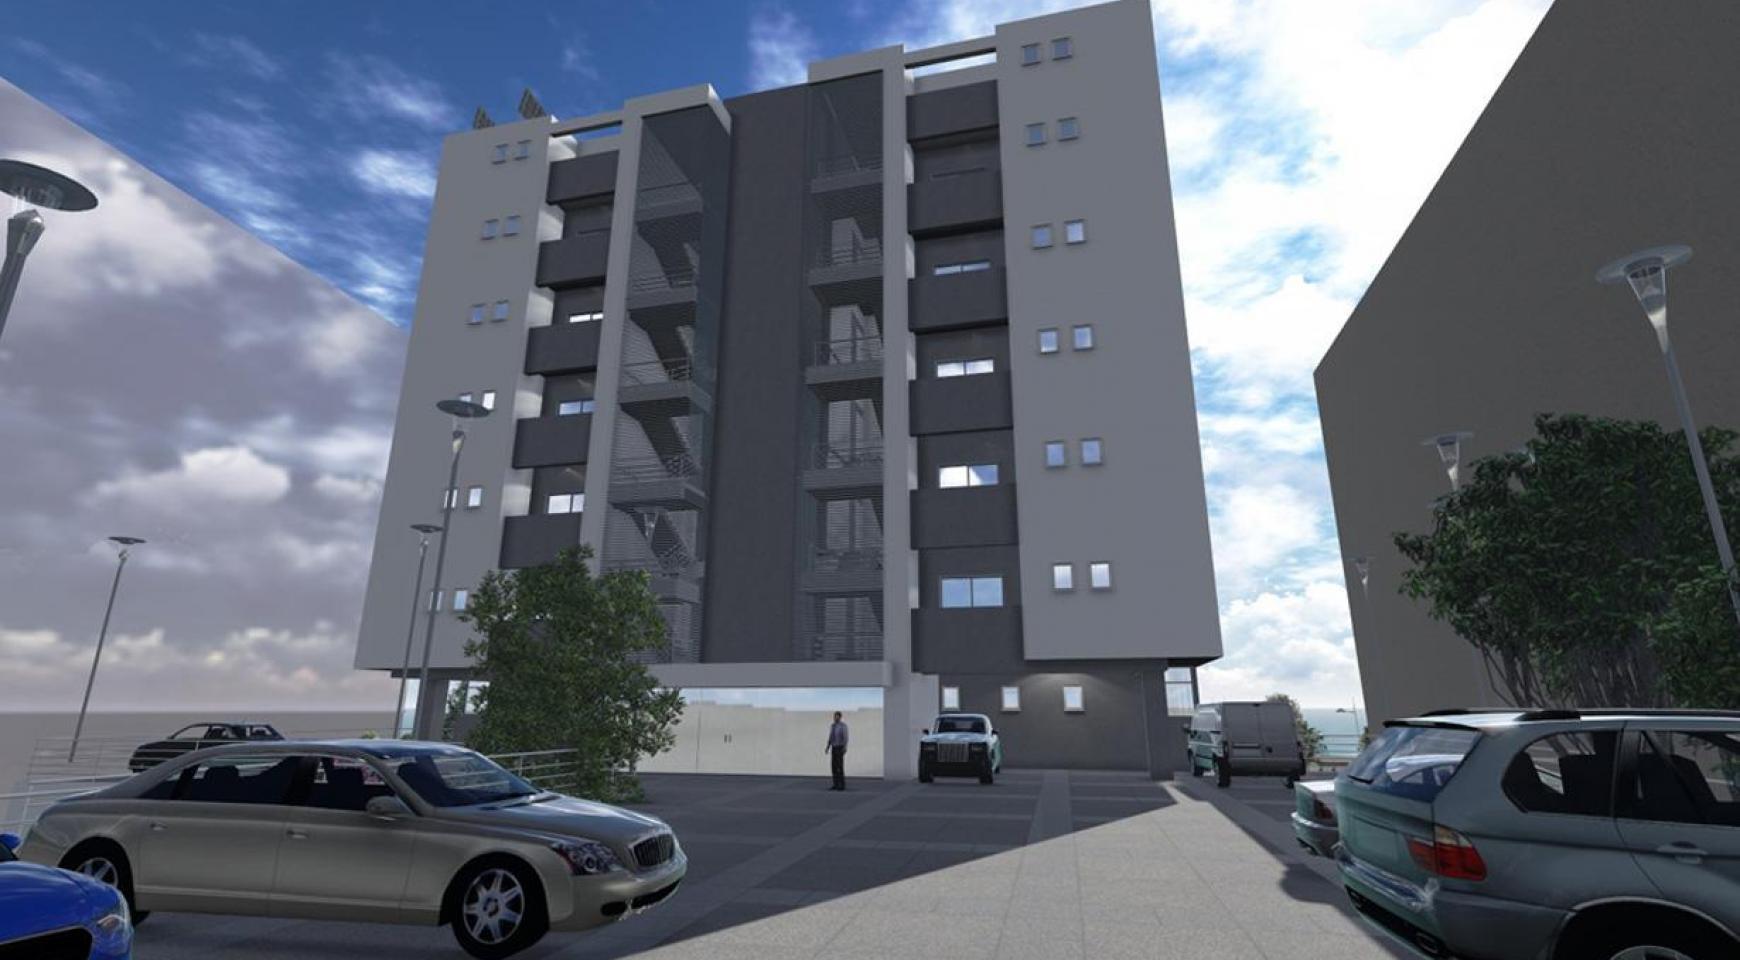 Новый Офис Класса Люкс в Престижном Расположении у Моря - 3